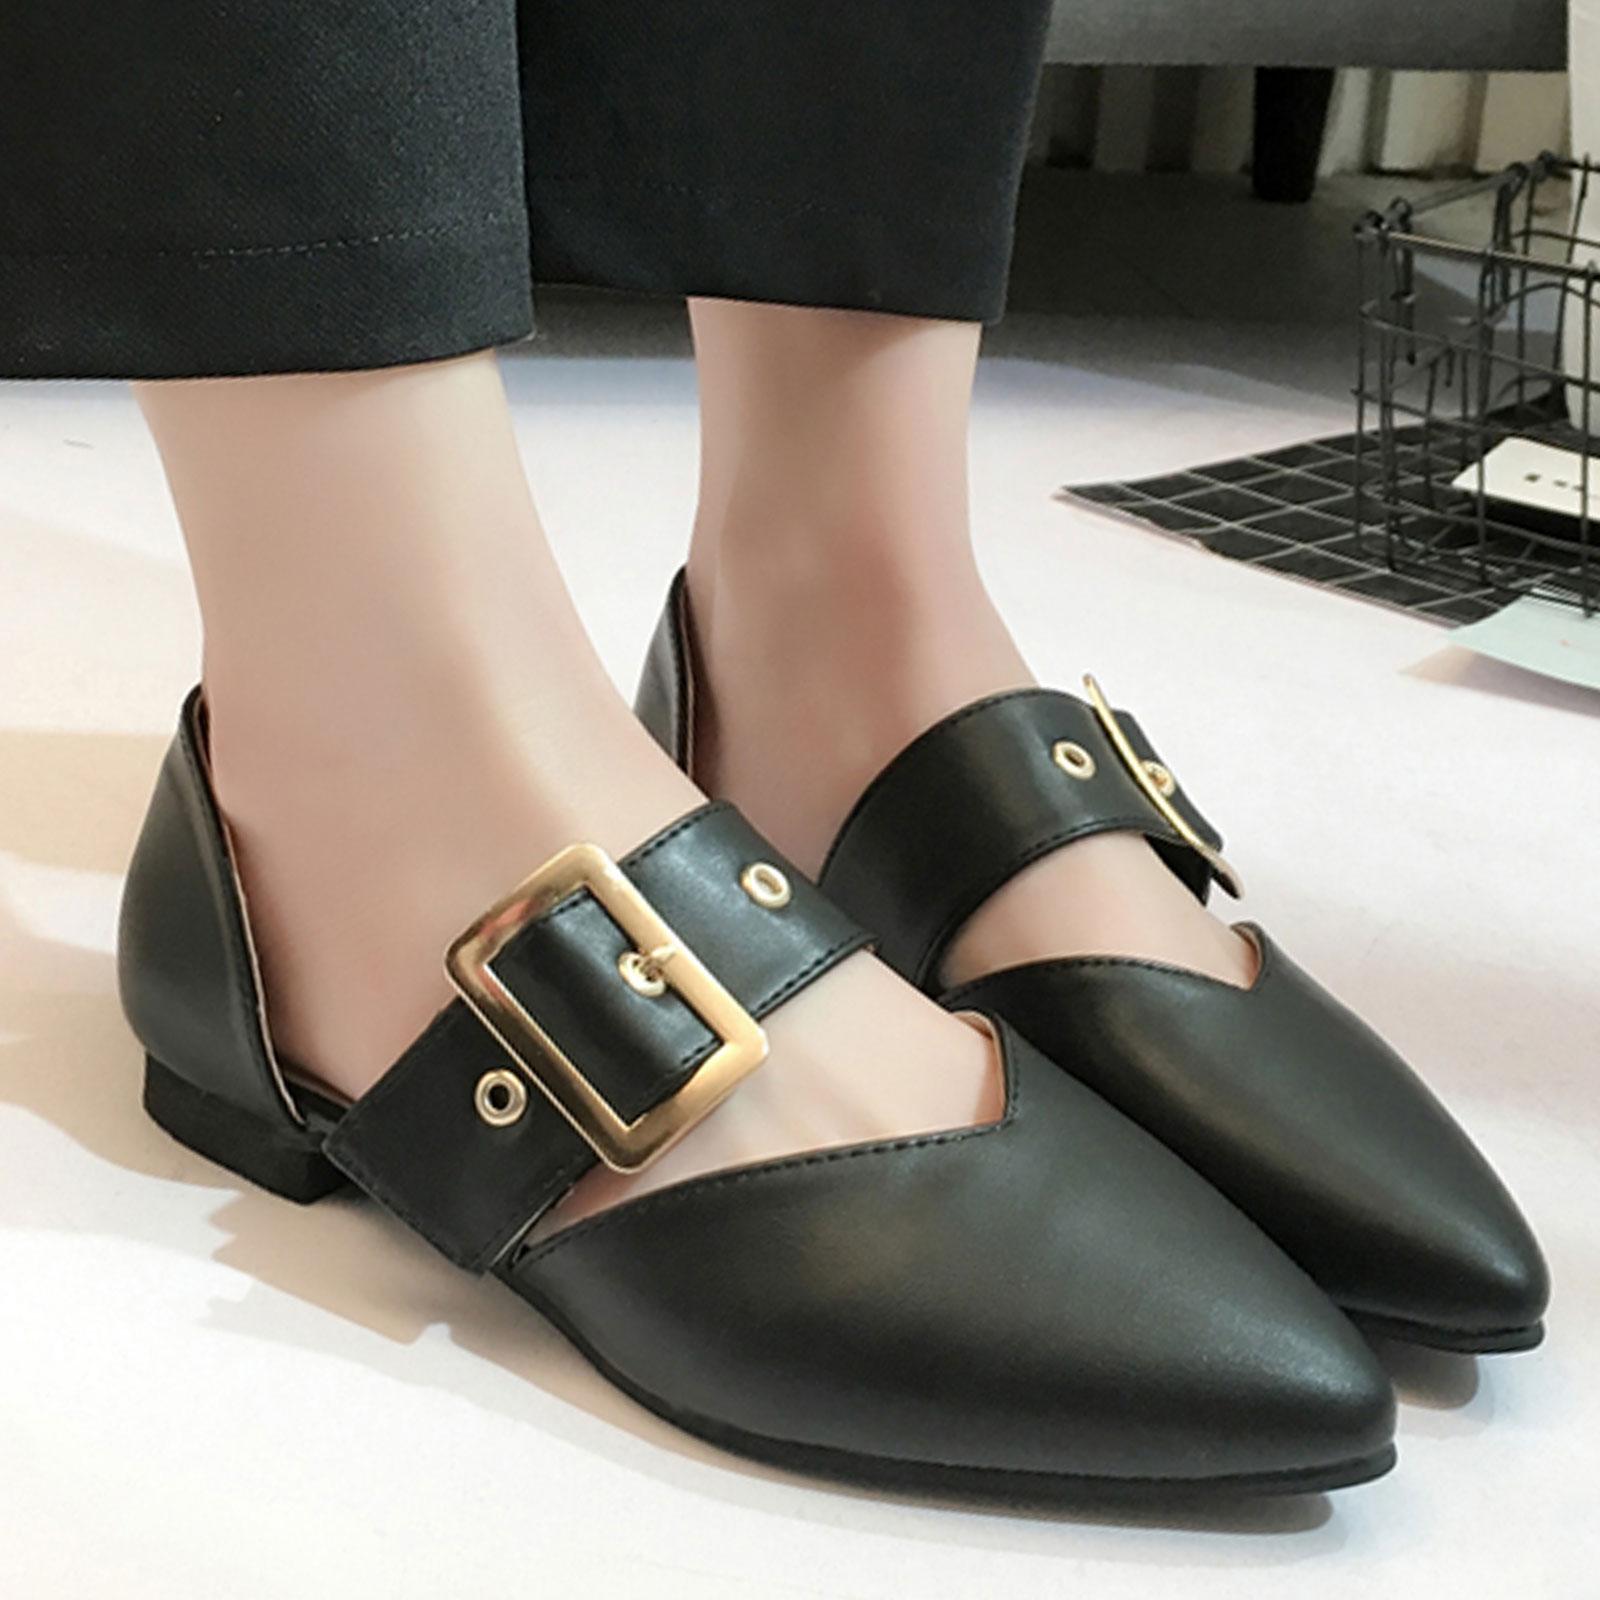 平底鞋 側空淺口皮帶扣尖頭平底鞋【S1684】☆雙兒網☆ 2